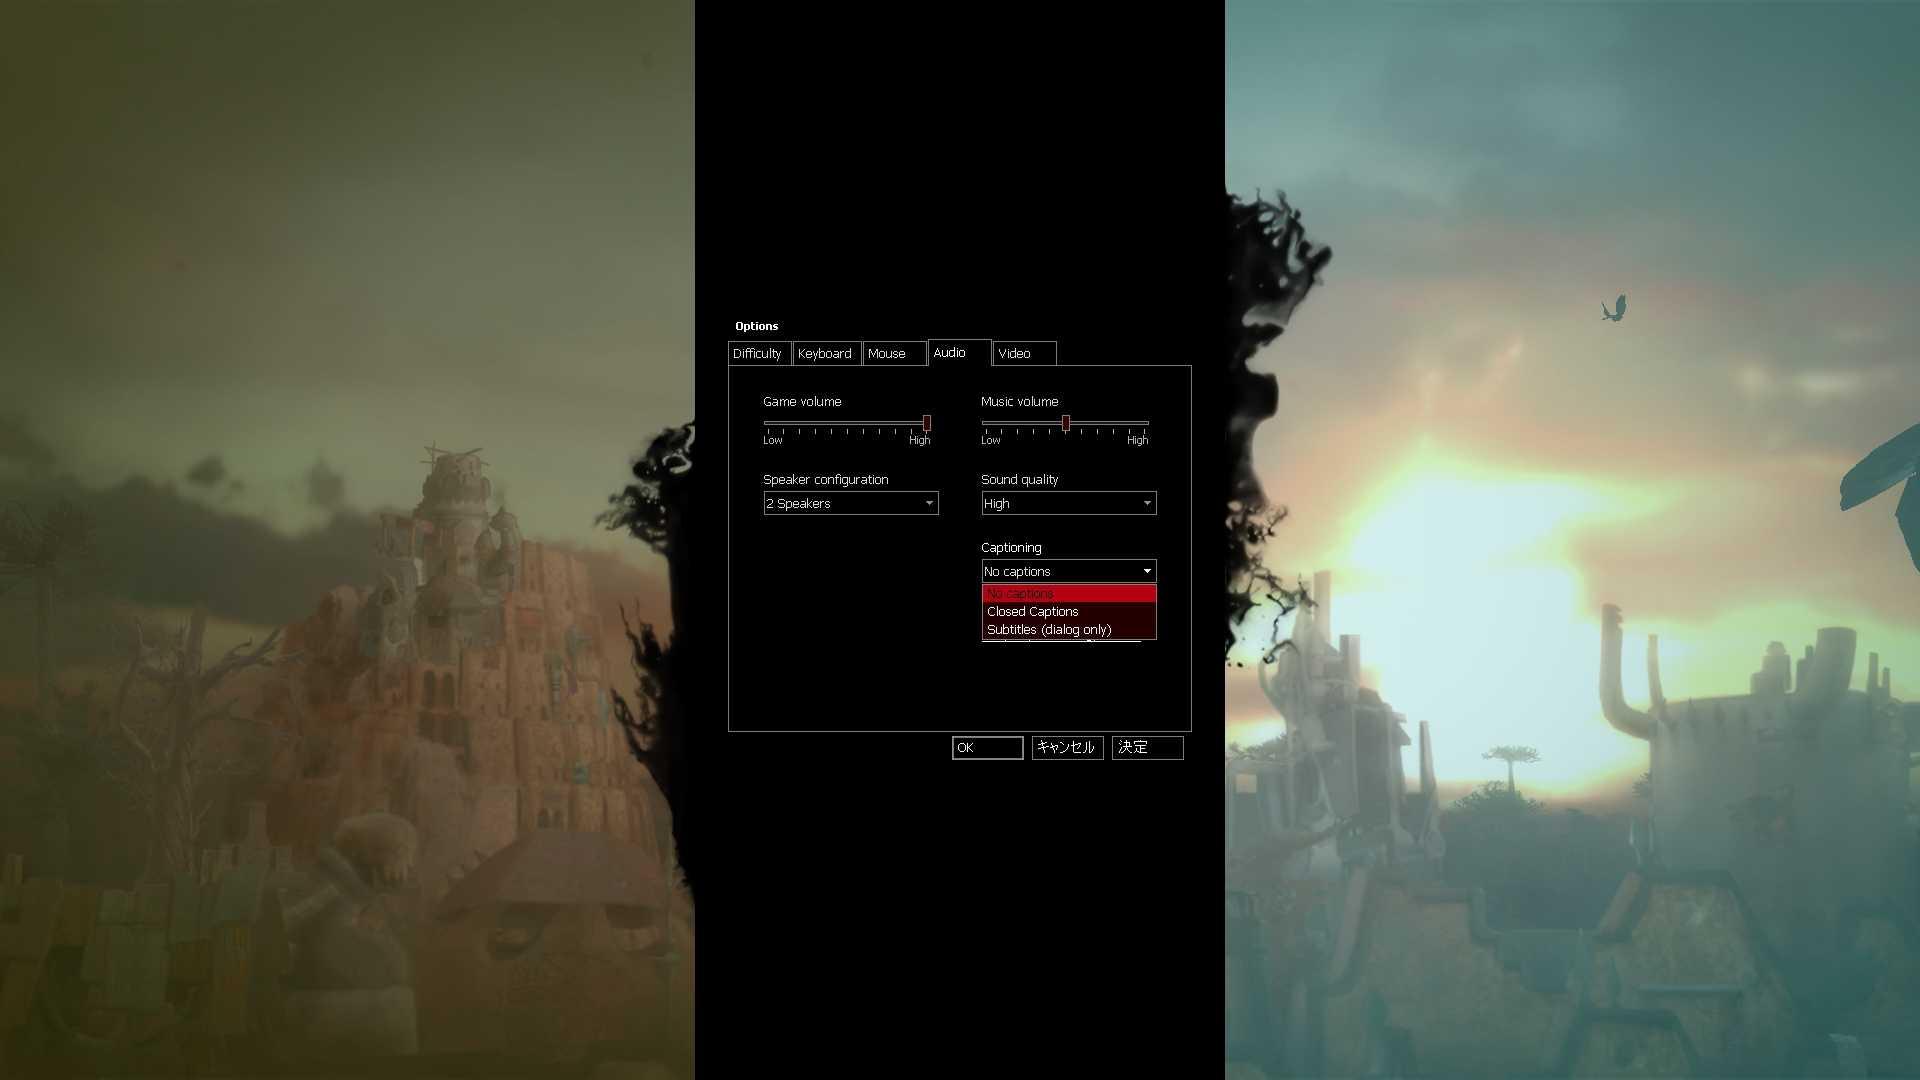 PC ゲーム Zeno Clash 日本語化メモ、ゲームを起動して Options をクリック、Audio タブにある Captioning を Closed Captions か Subtitles (dialog only) に変更